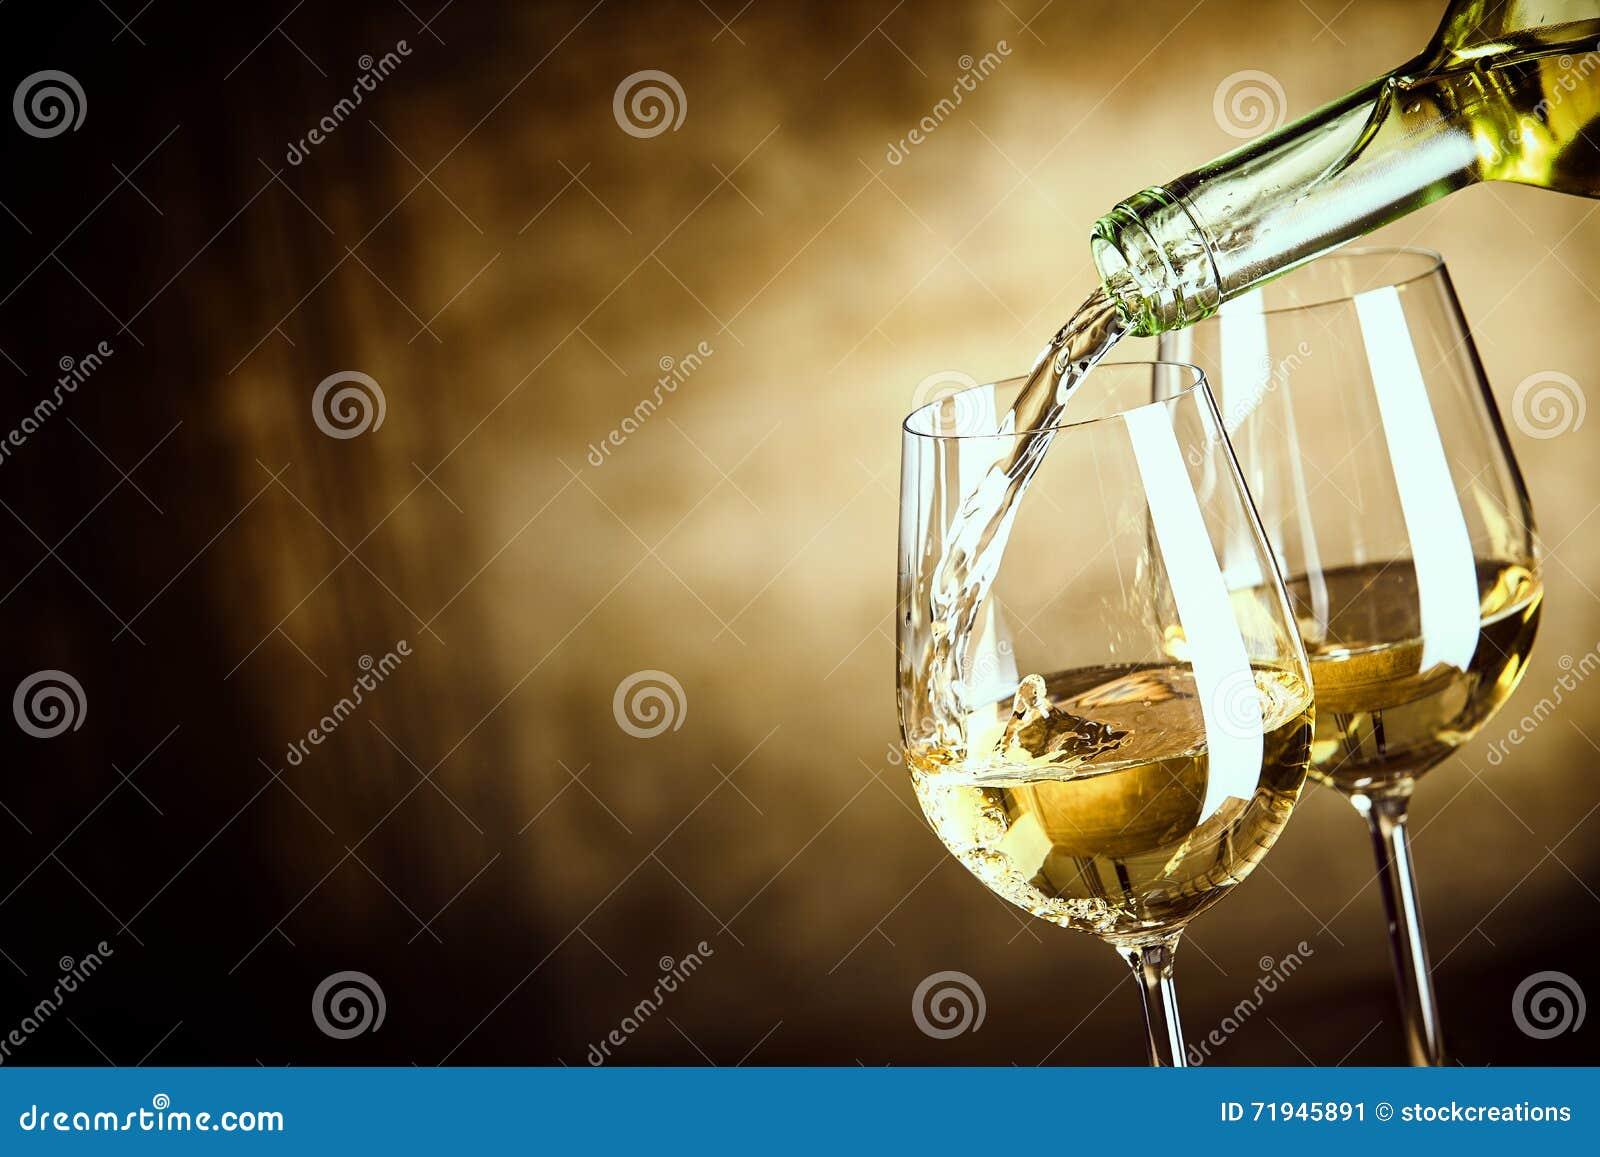 Gießen von zwei Gläsern Weißwein von einer Flasche